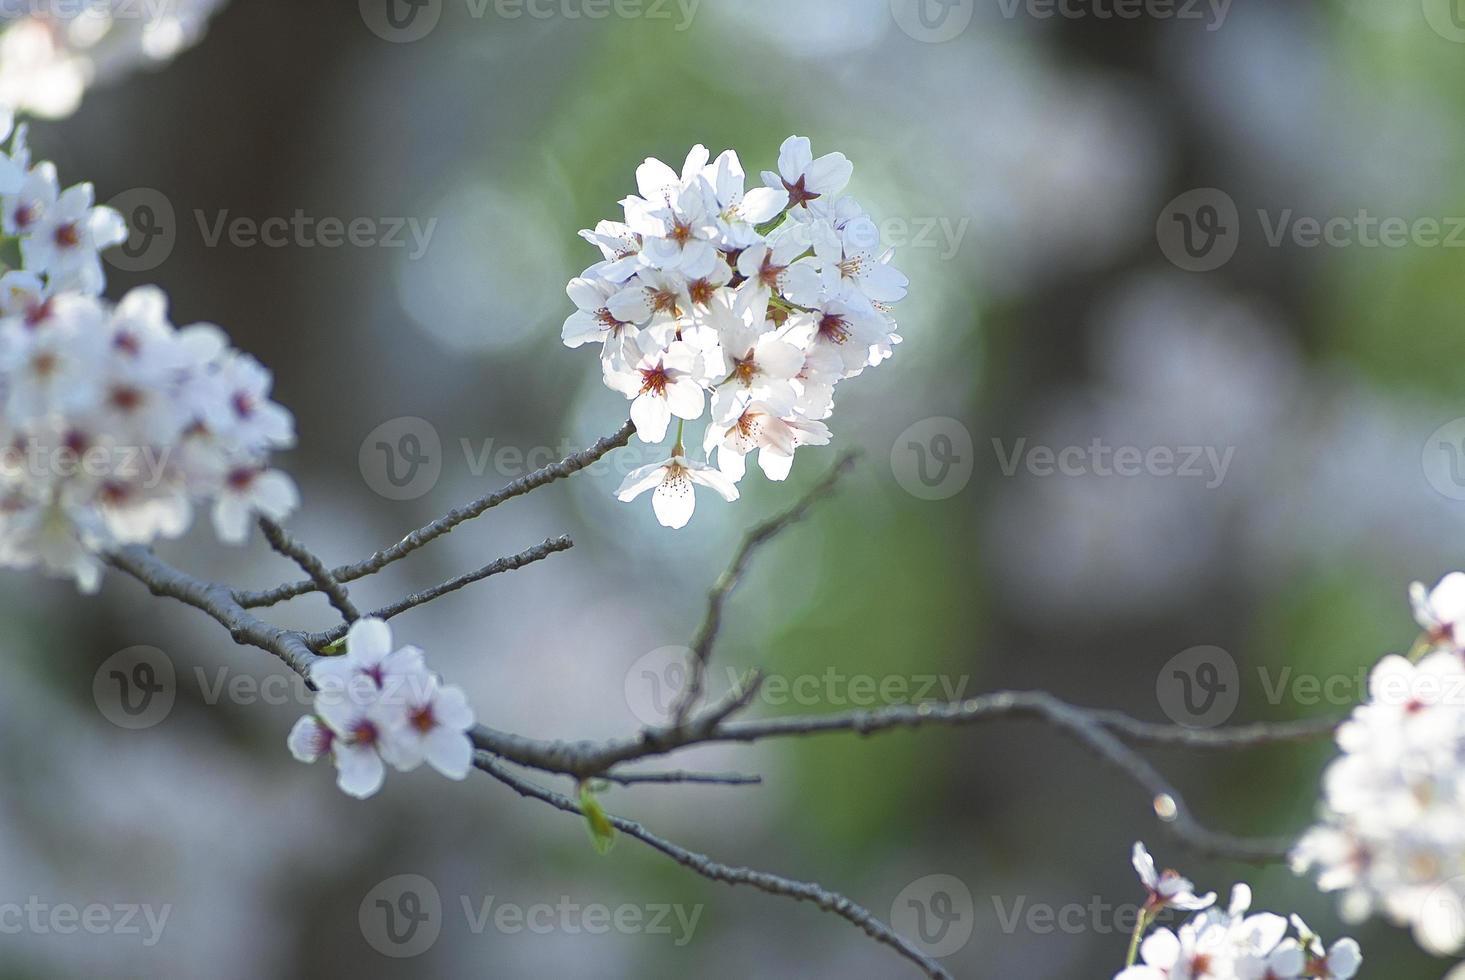 imagen de flor de cerezo foto